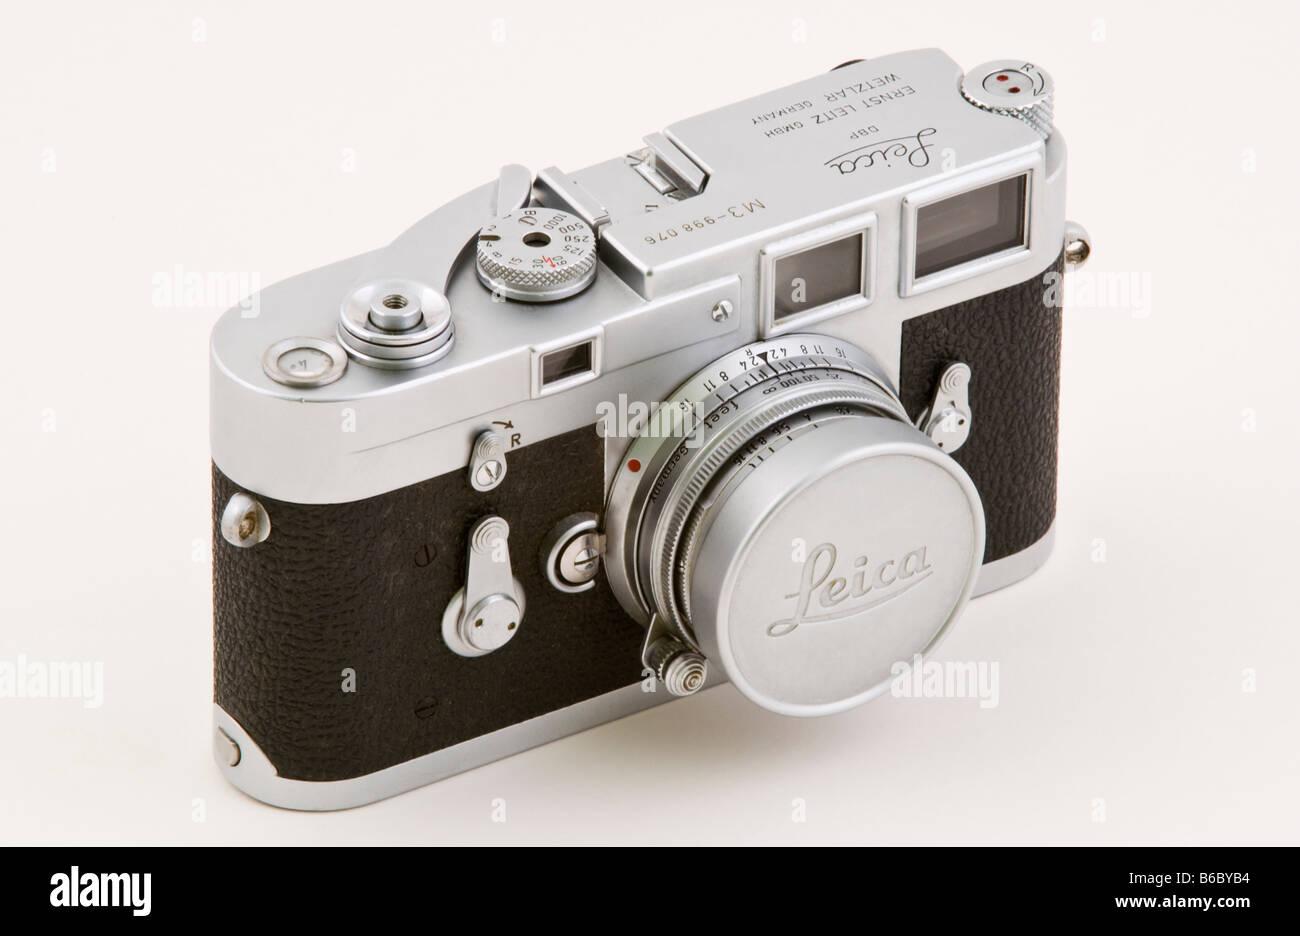 Leica laser entfernungsmesser kamera d messung direkt im foto in